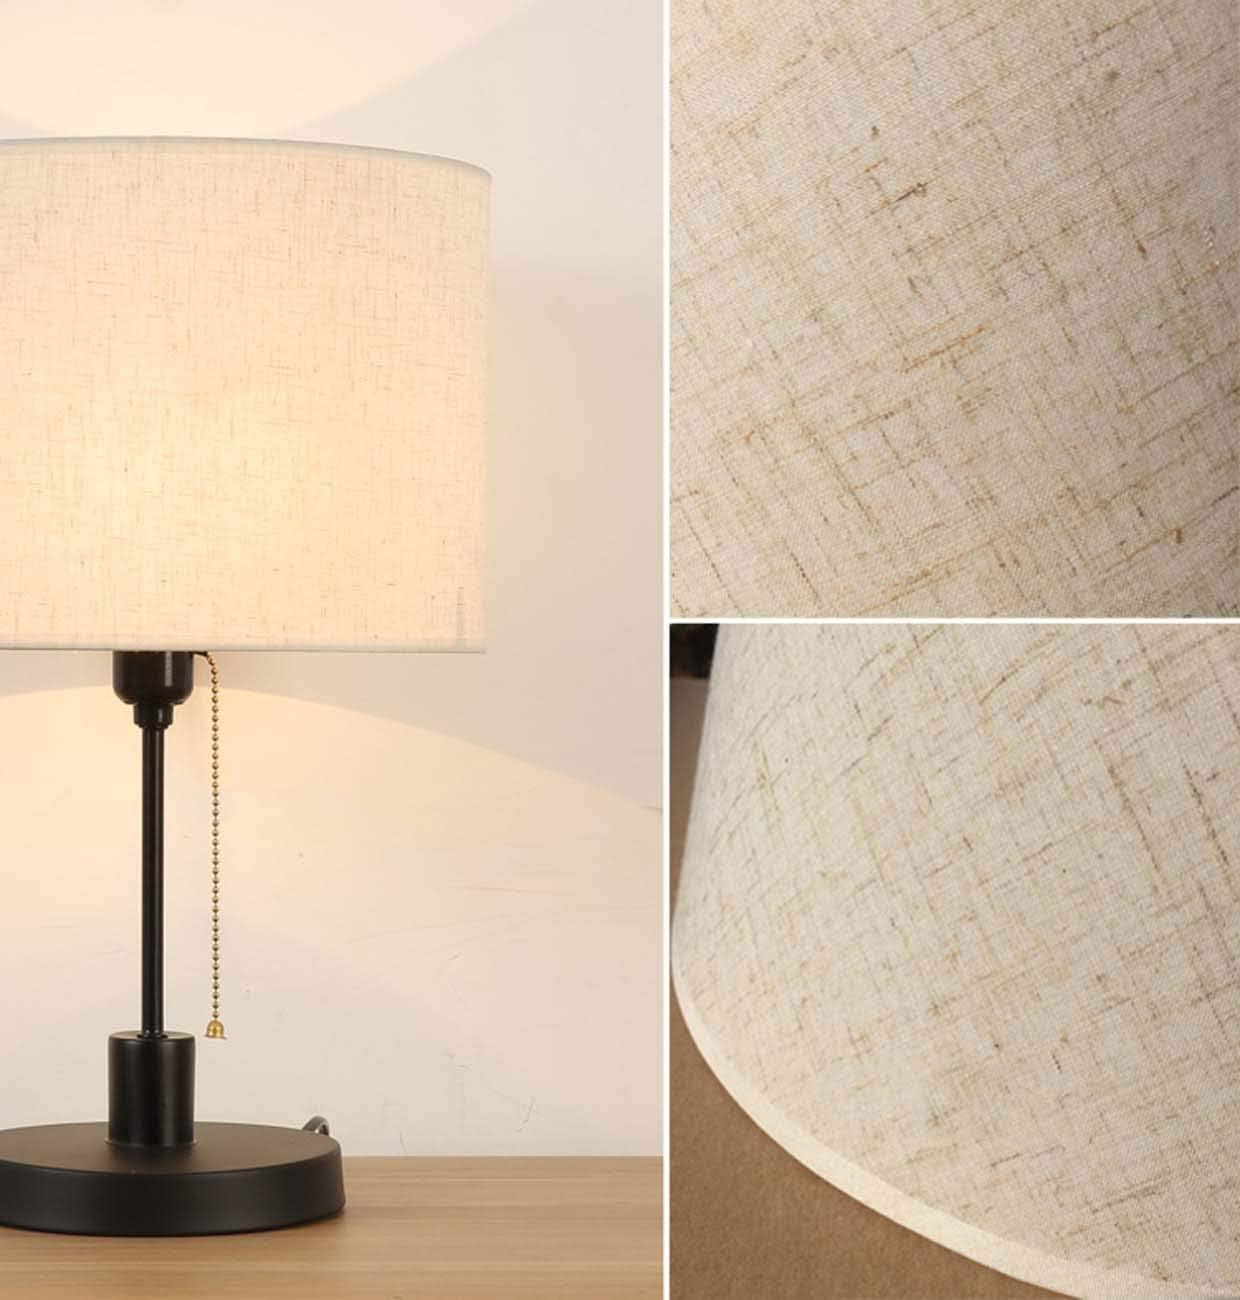 Bedside-Schreibtisch-Licht Pendelleuchte Stehleuchte Drum Light Shade,Wei/ß,28 cm Speziell F/ür E27 ZHICH Handgemachte Leinen Strukturierter Stoff Zylindrische Lampshade